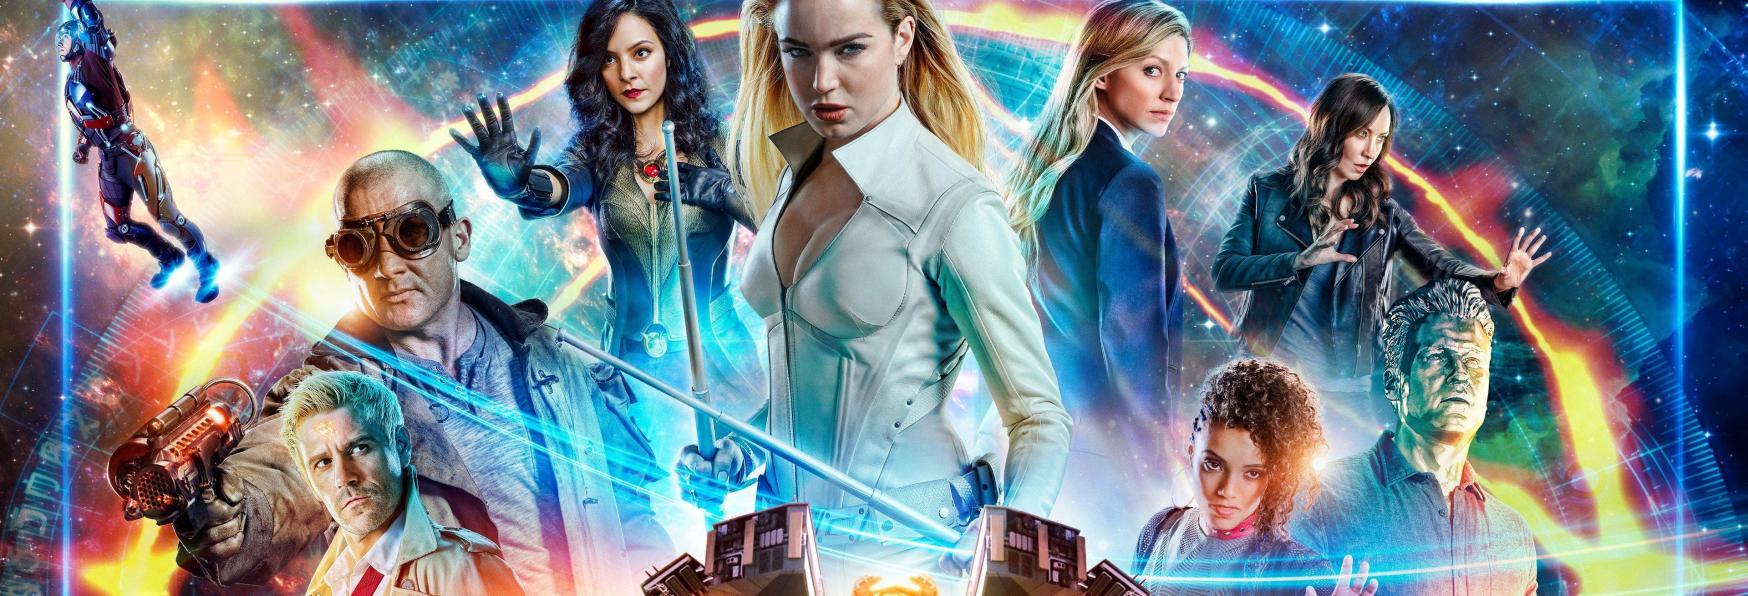 Legends of Tomorrow 5: pubblicato il Teaser del Finale di Stagione